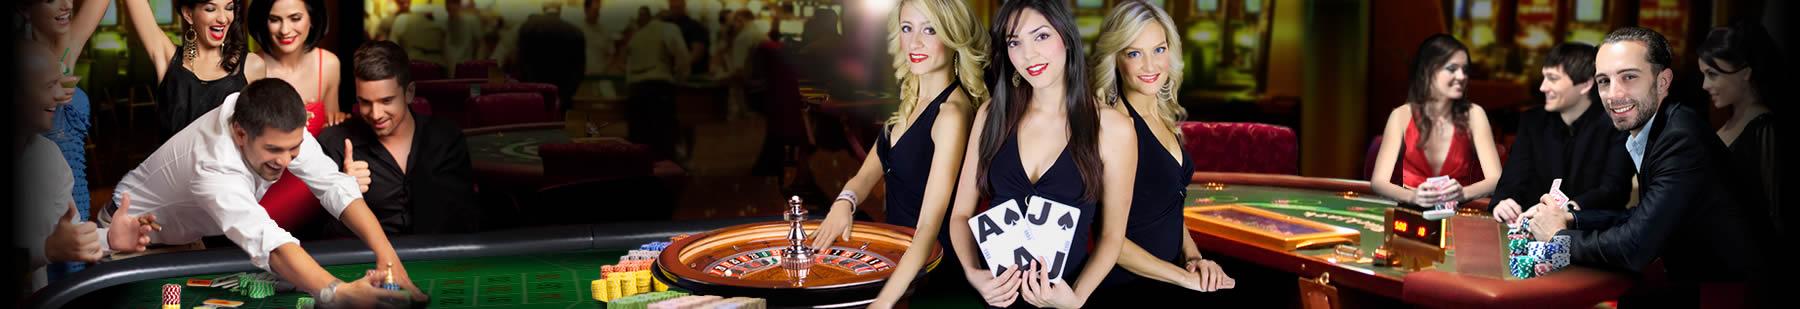 live casino bonus games